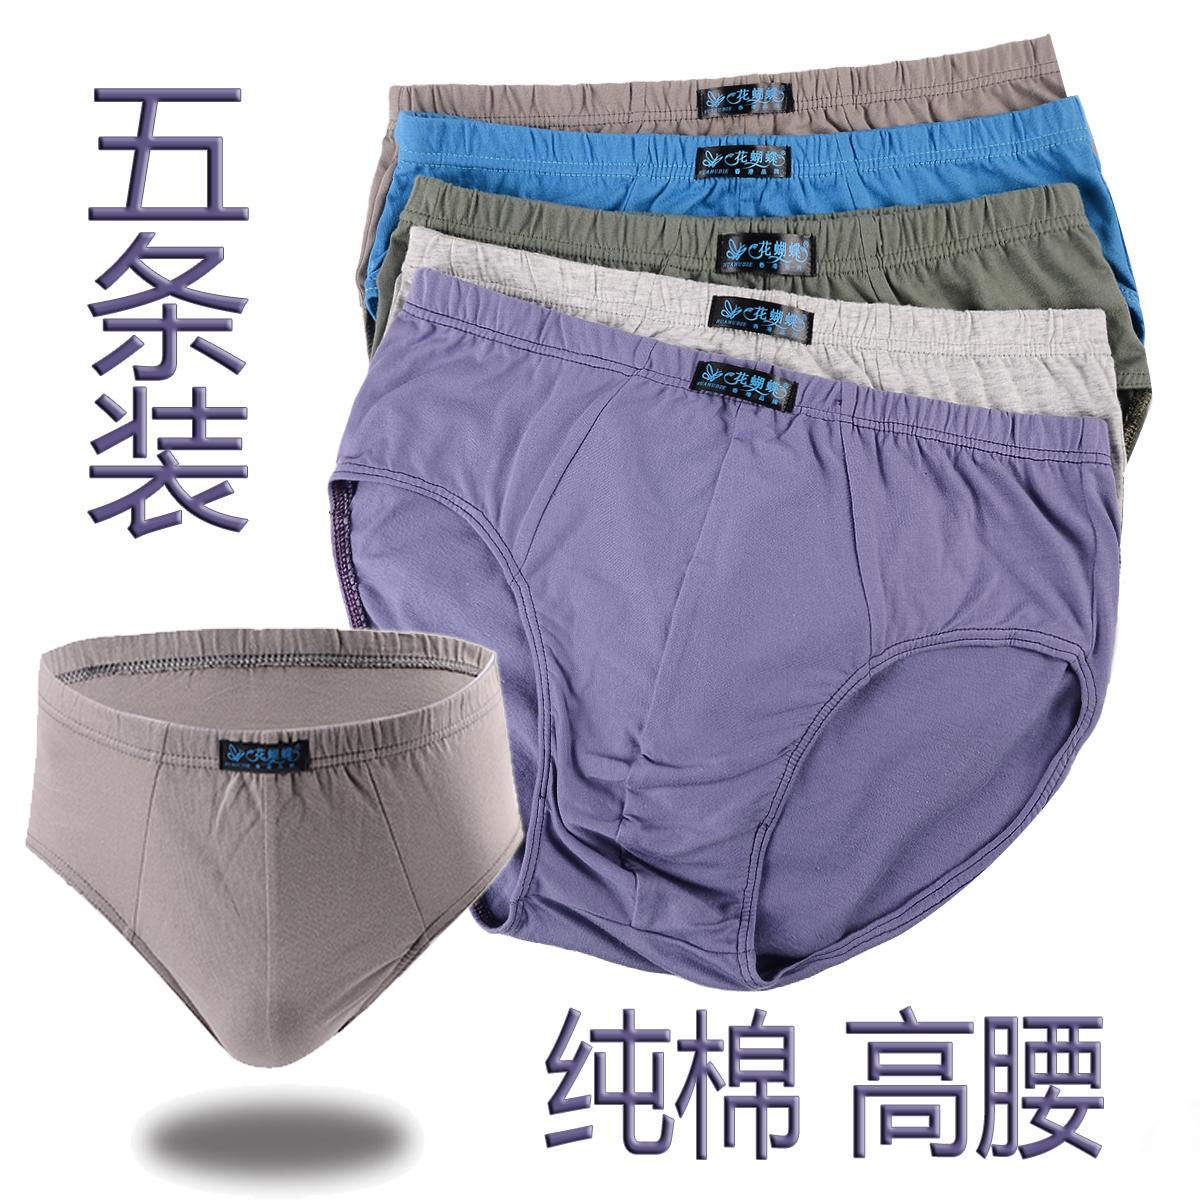 Trung niên và cũ đồ lót nam cũ bông tam giác quần đáy quần short cotton kích thước lớn nam lỏng quần cao eo quần